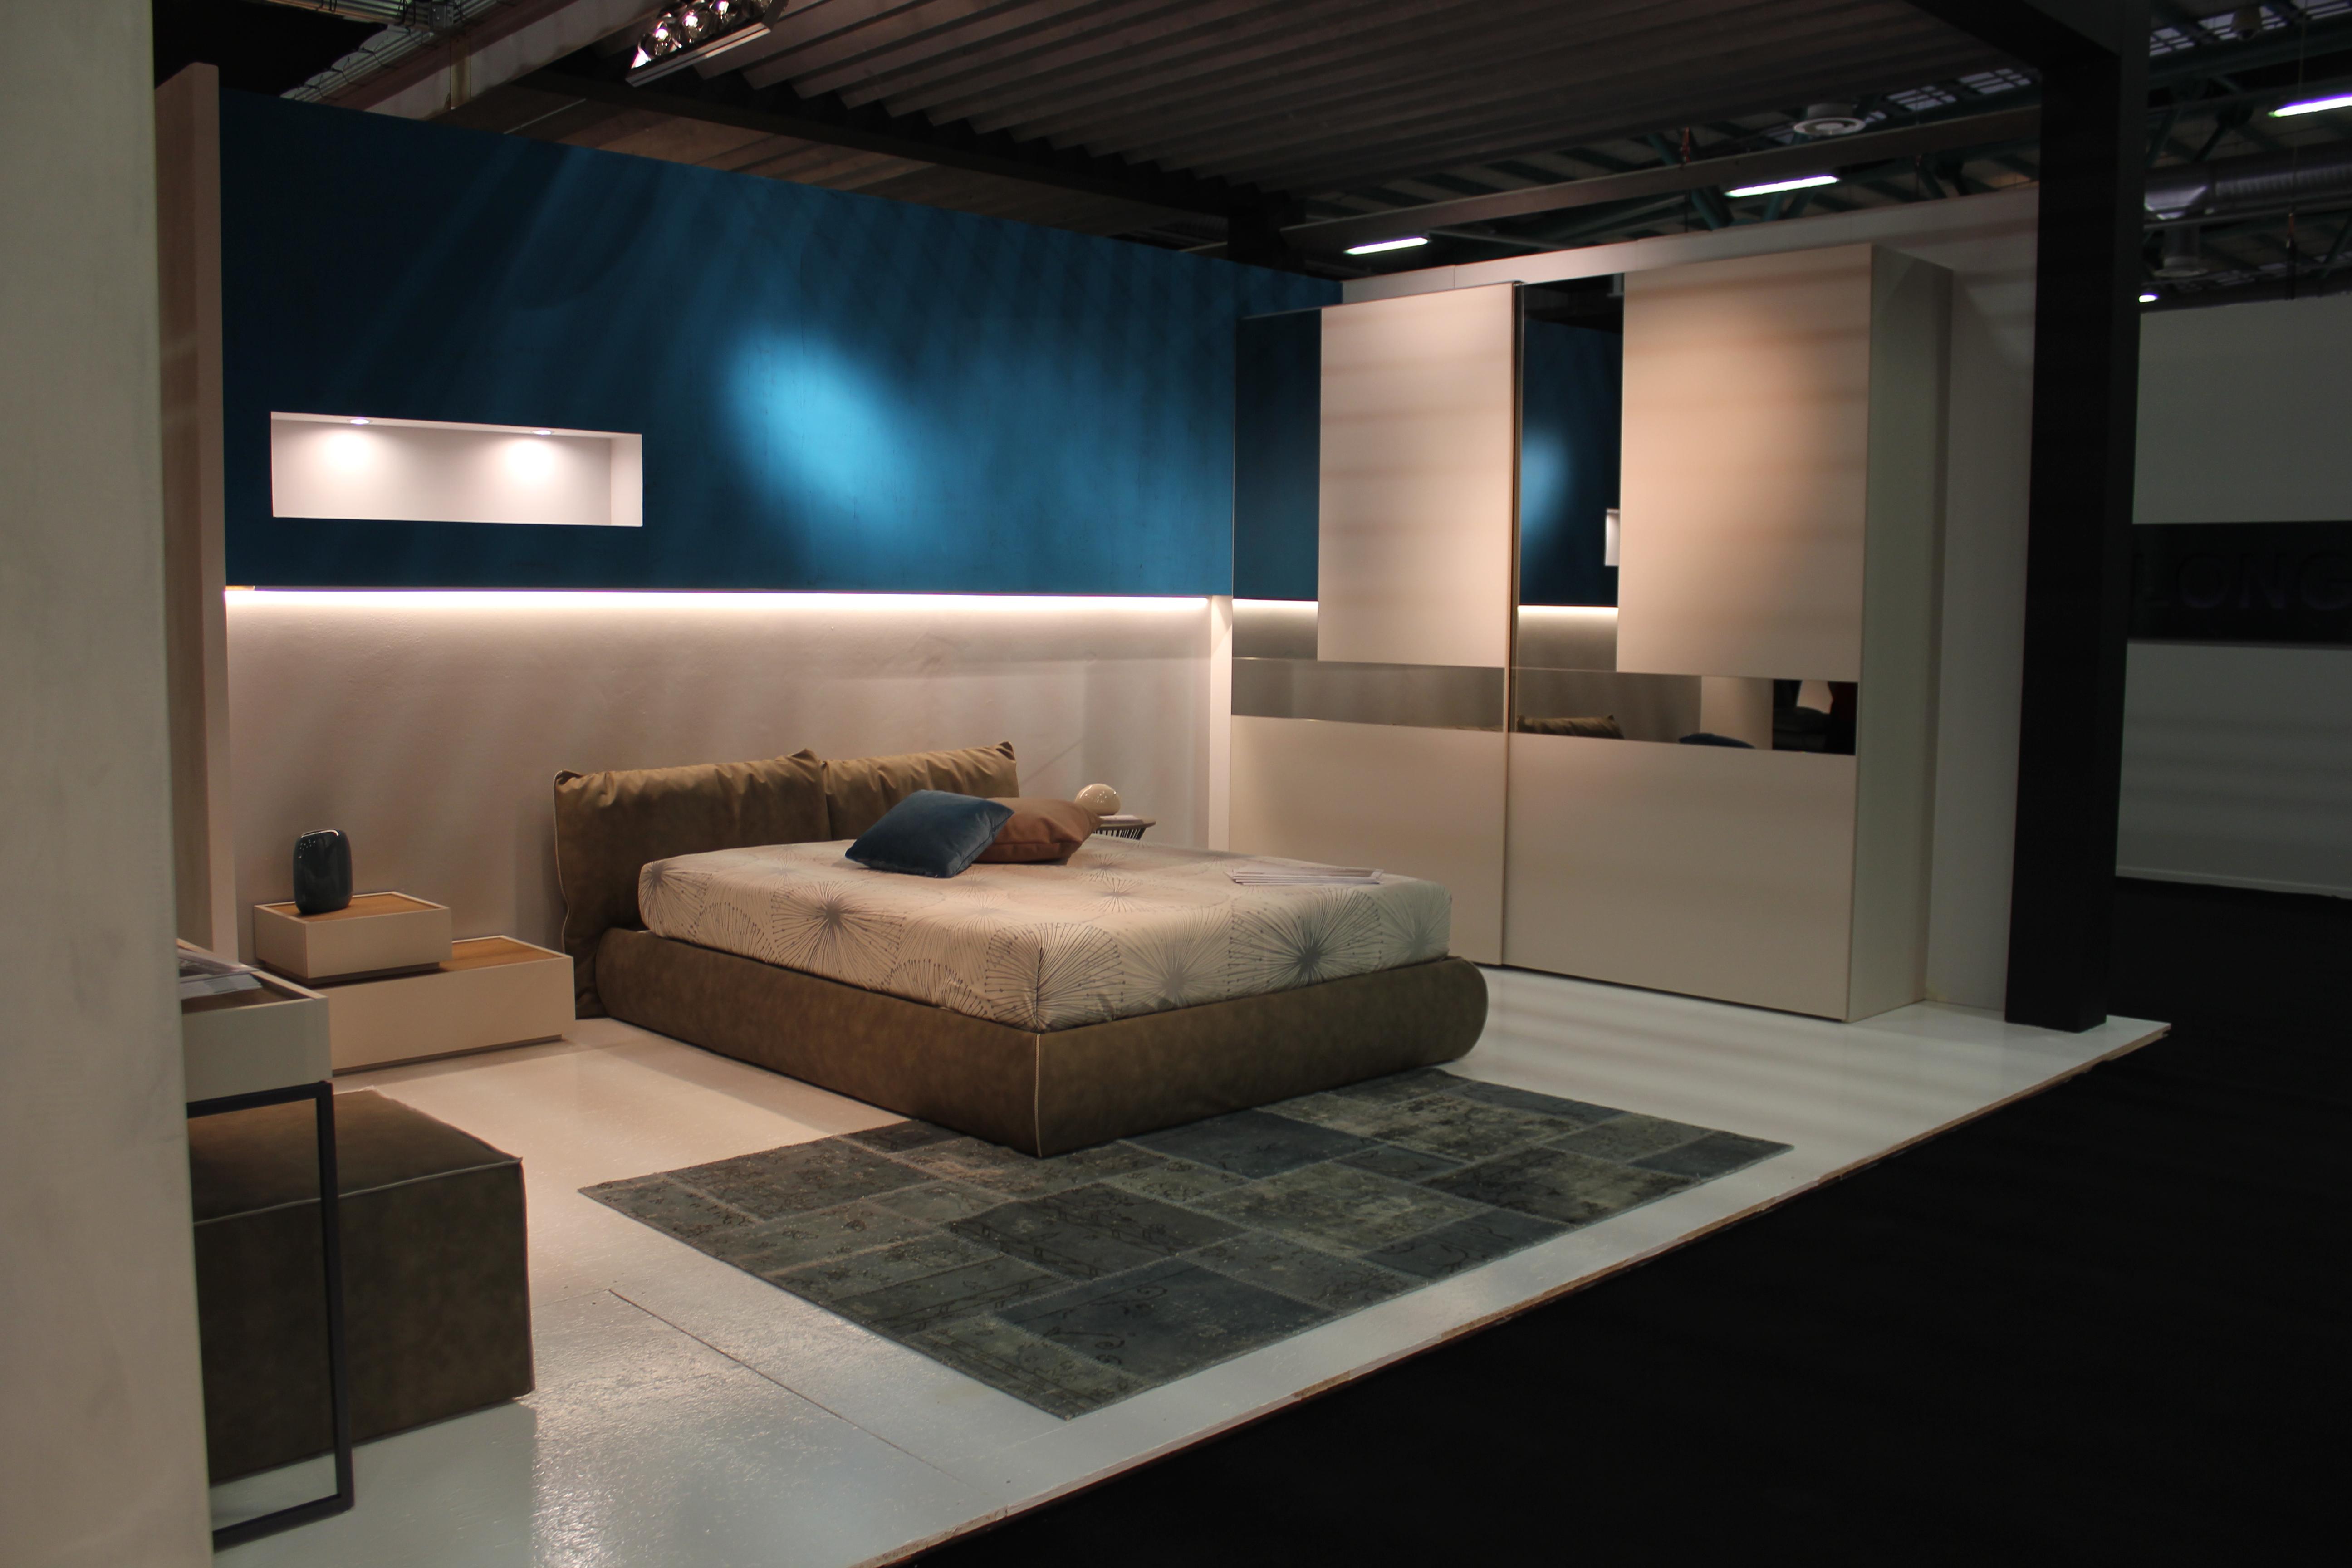 Salone del mobile archivi i mobili di luca - I mobili di luca ...